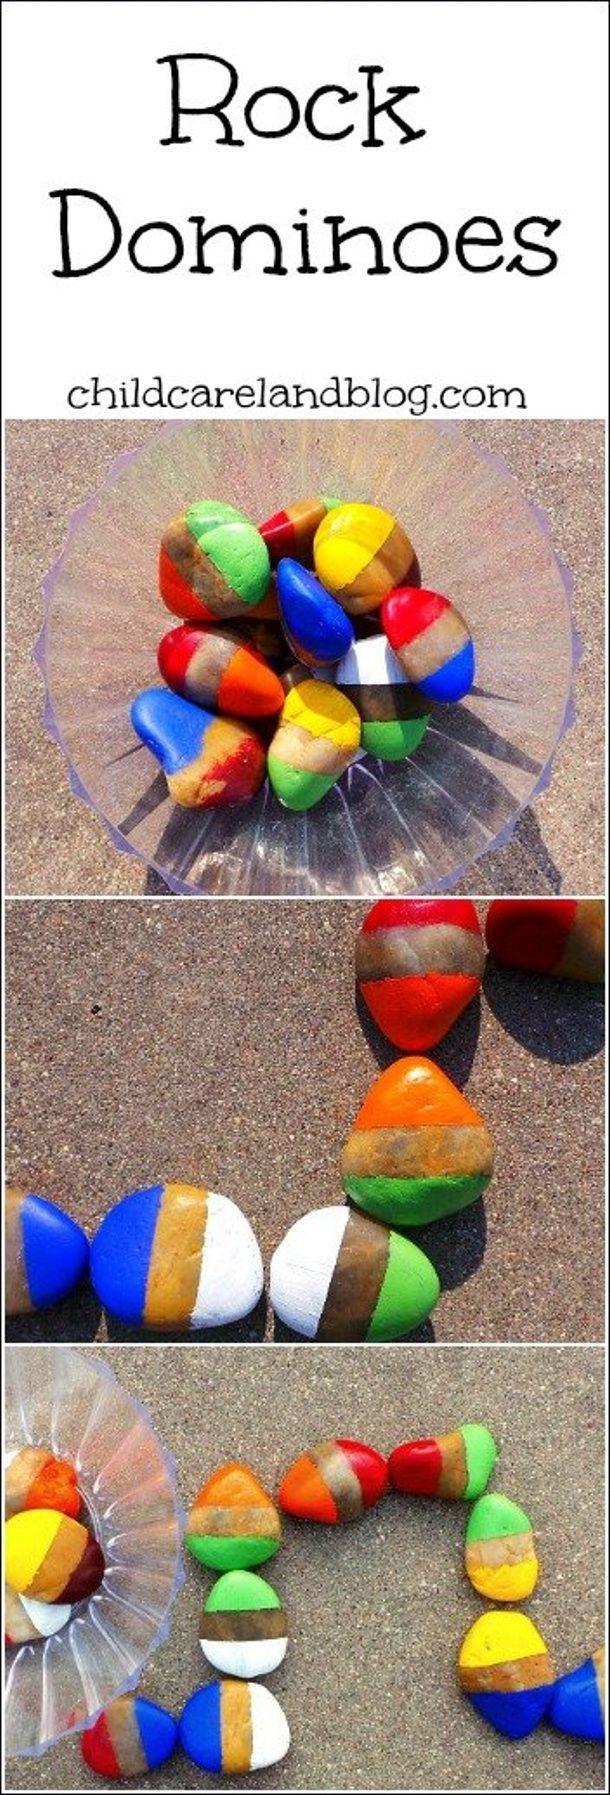 Sommar och sommarlov betyder lediga dagar i både sol och regn för många barn. Här har vi samlat 22 roliga lekar som passar både inne och ute.